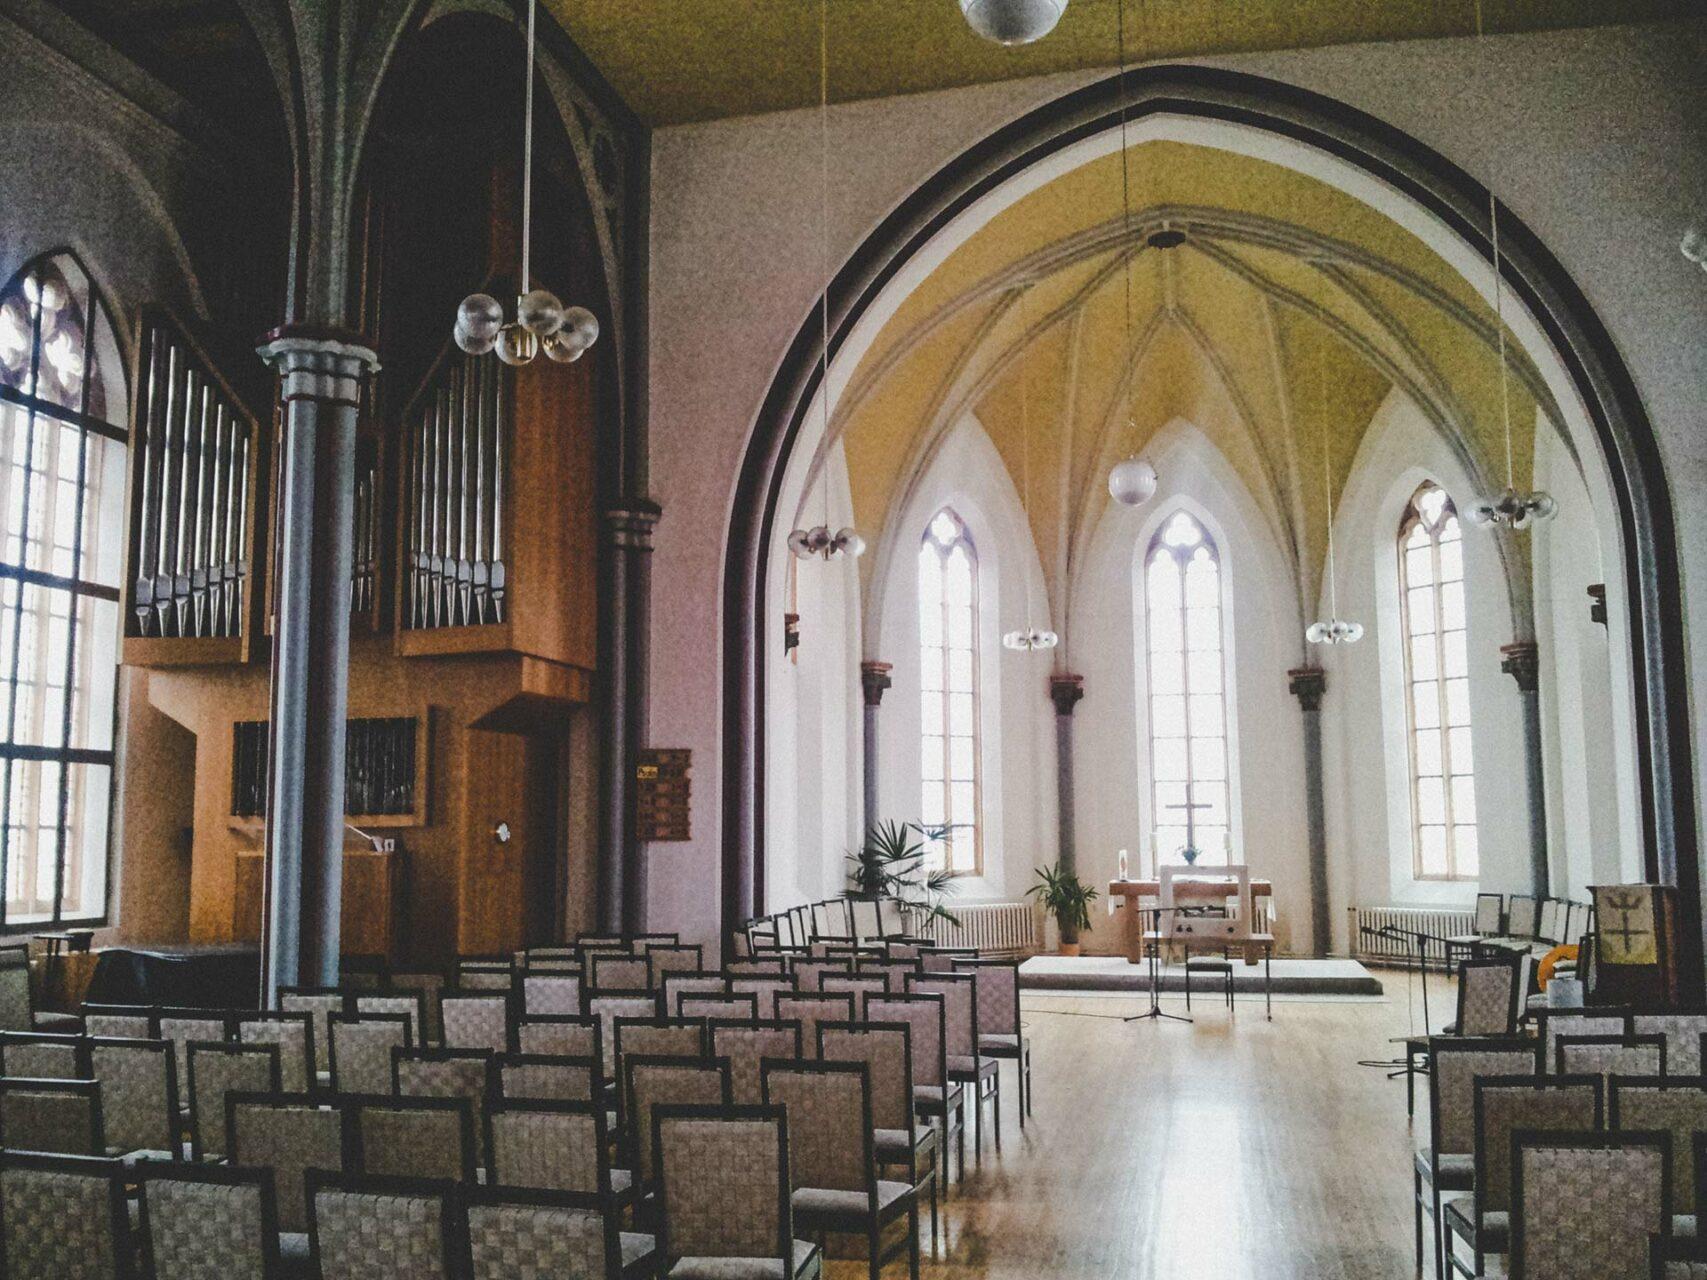 ... innen ganz der DDR-Architektur verschrieben. Ist die erste Kirche, nach deren Eingangstür man nicht direkt im Heiligsten steht, sondern erst einmal in einem Bürotrakt. Zum Kirchsaal geht es dann die Treppe hinauf und neben den Toiletten links.